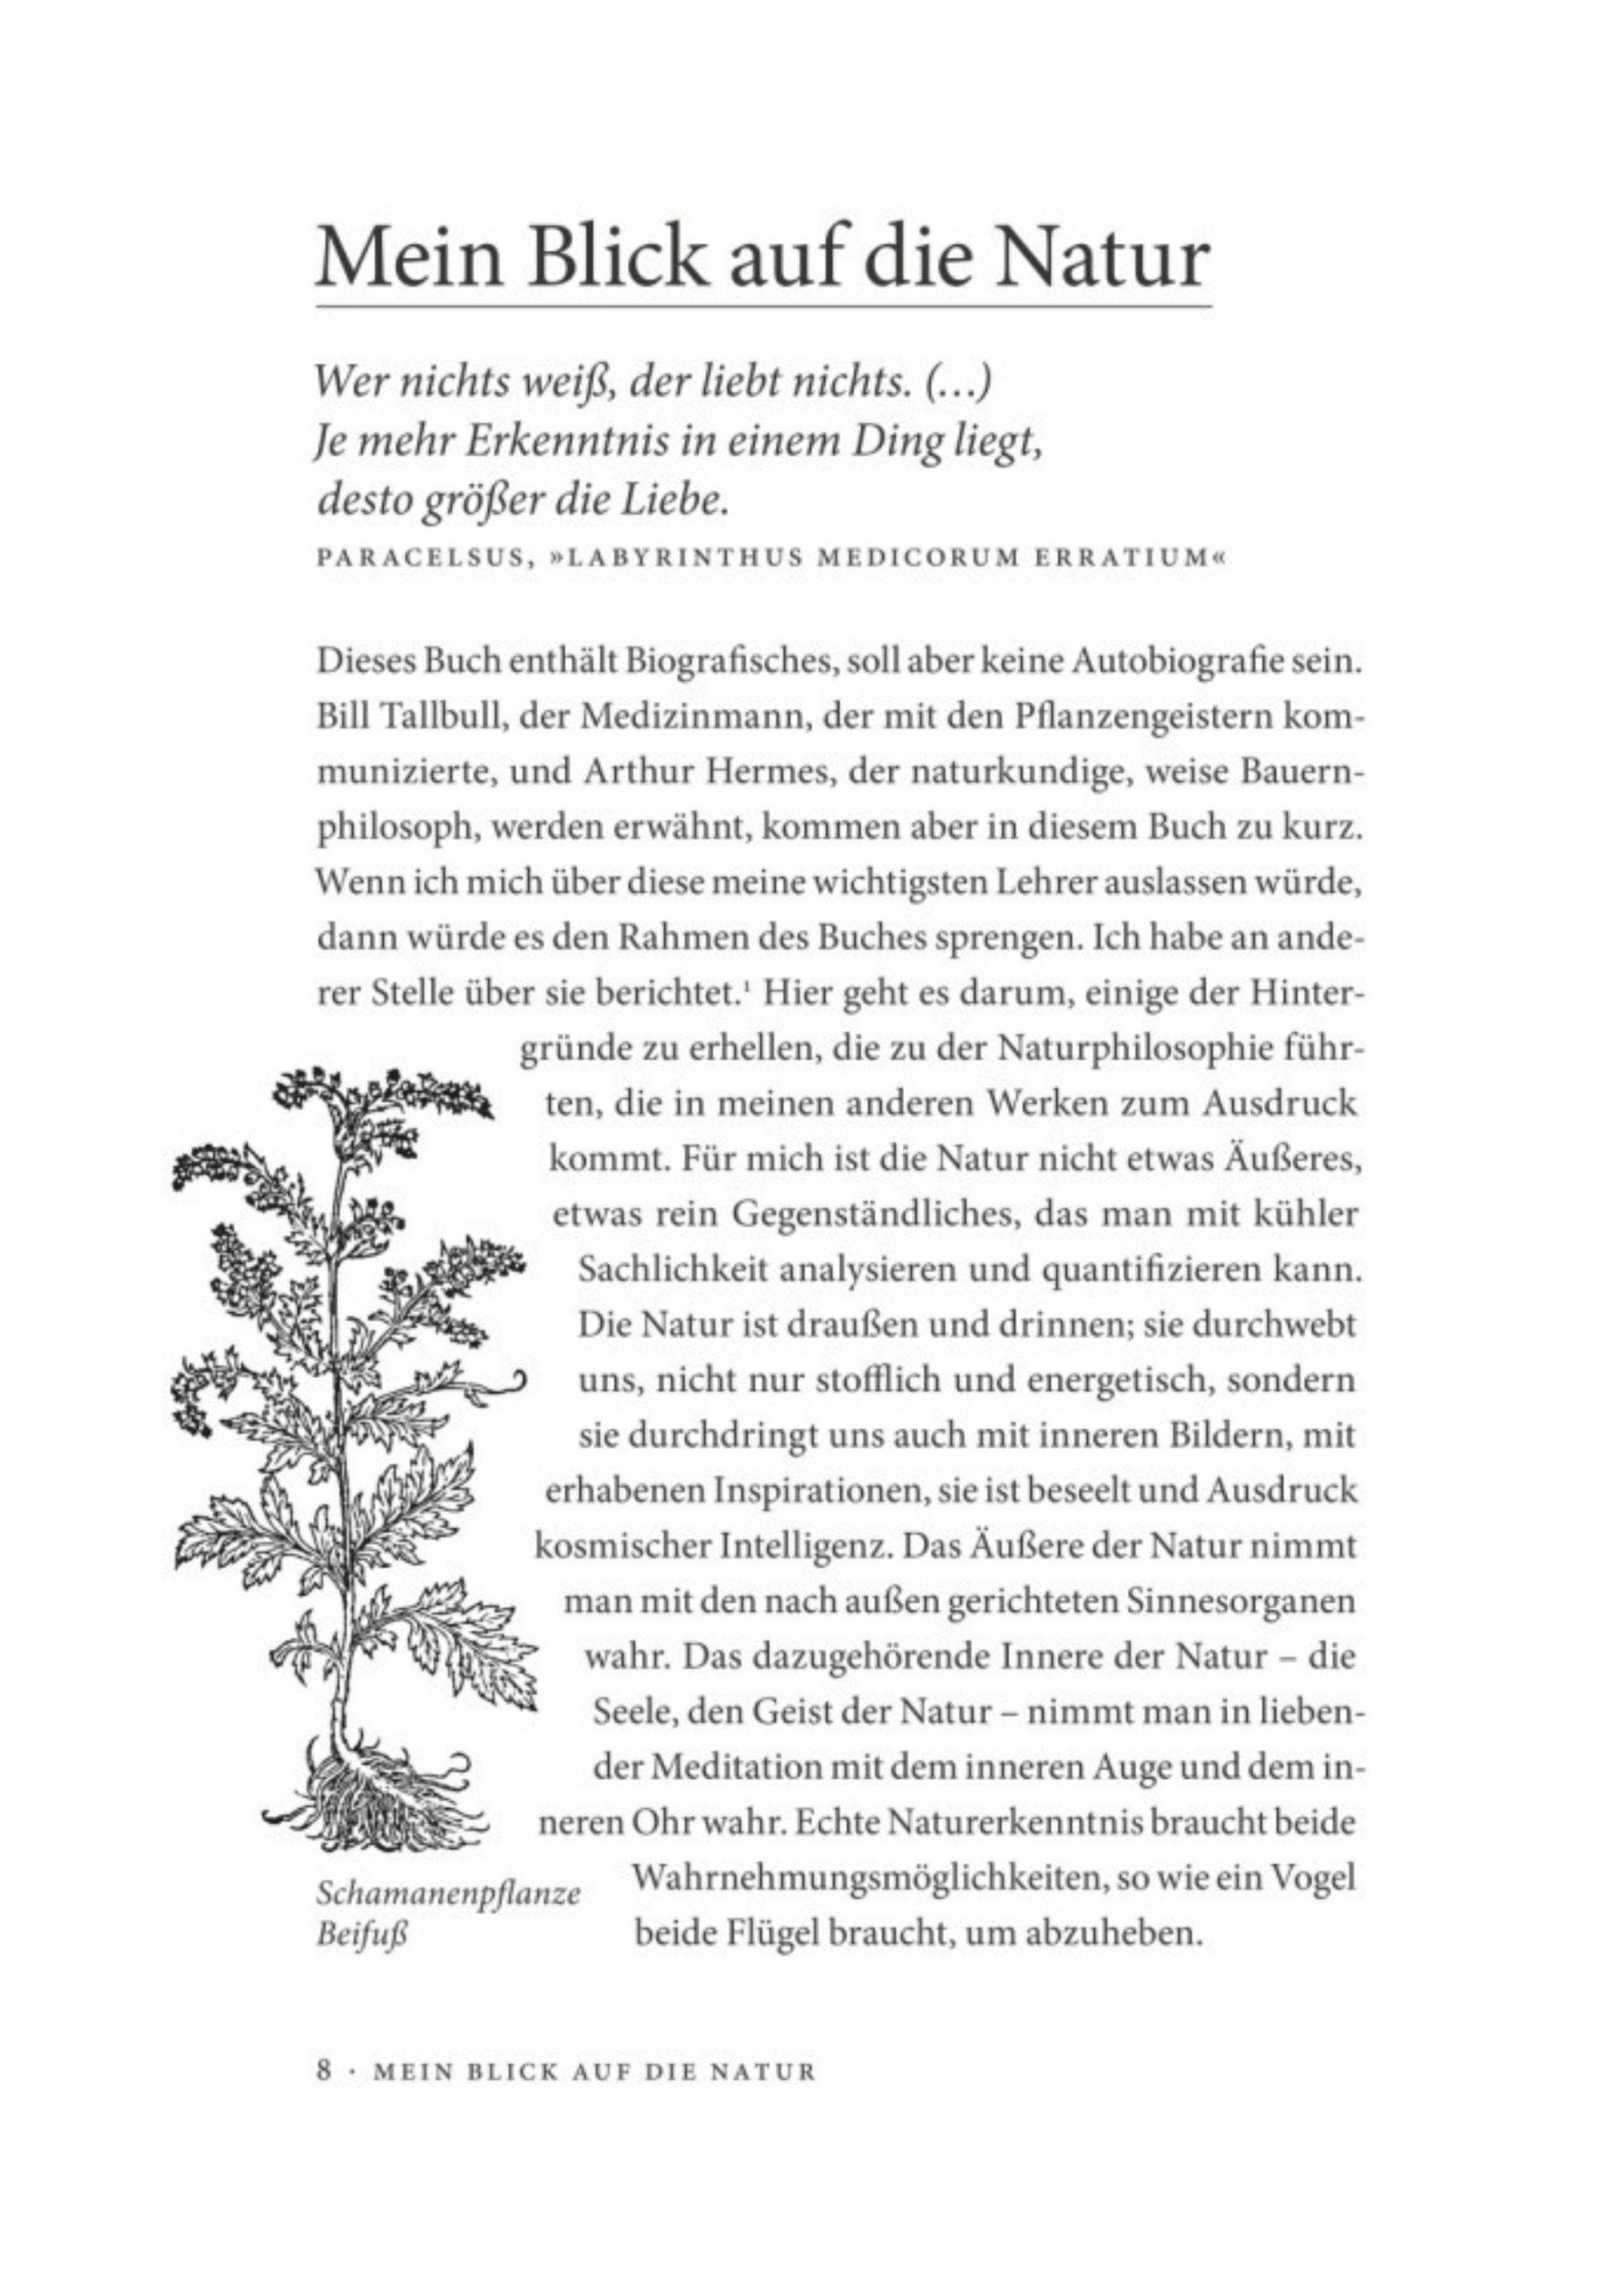 Leseprobe ich bin ein Teil des Waldes_Seite_07